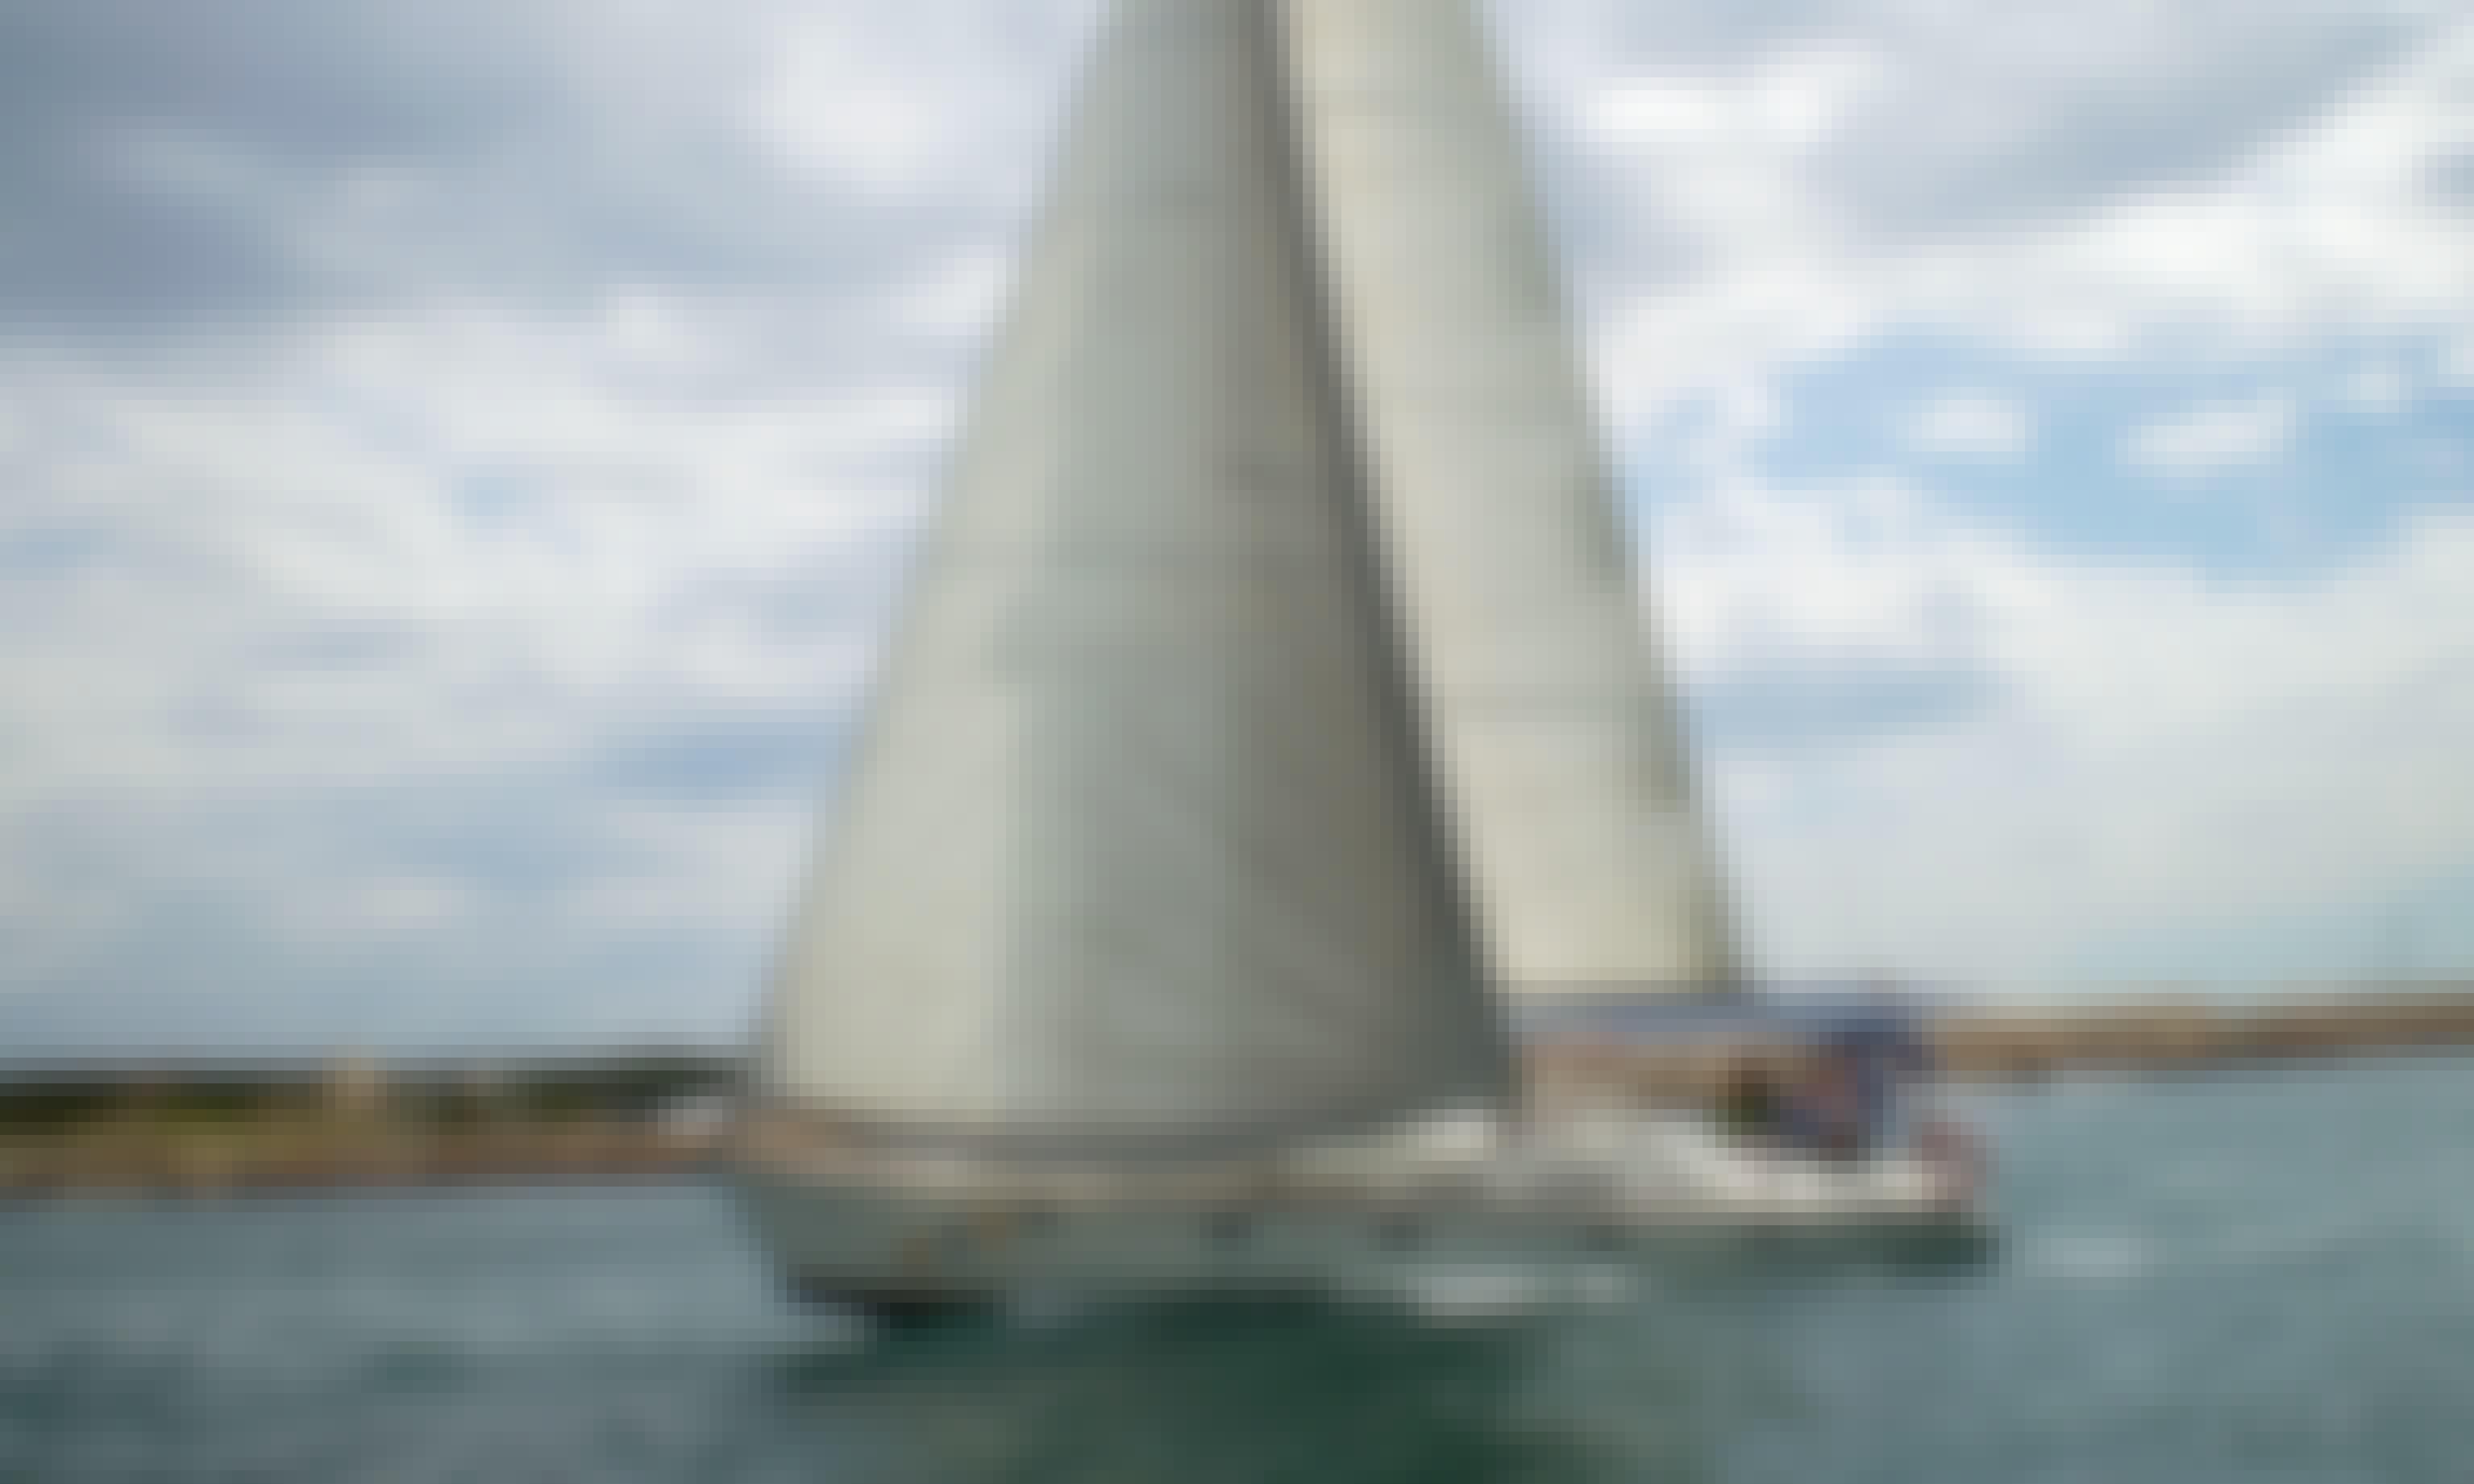 Jeanneau Sun Magic 44 Sailing Yacht in L'Escala, Spain